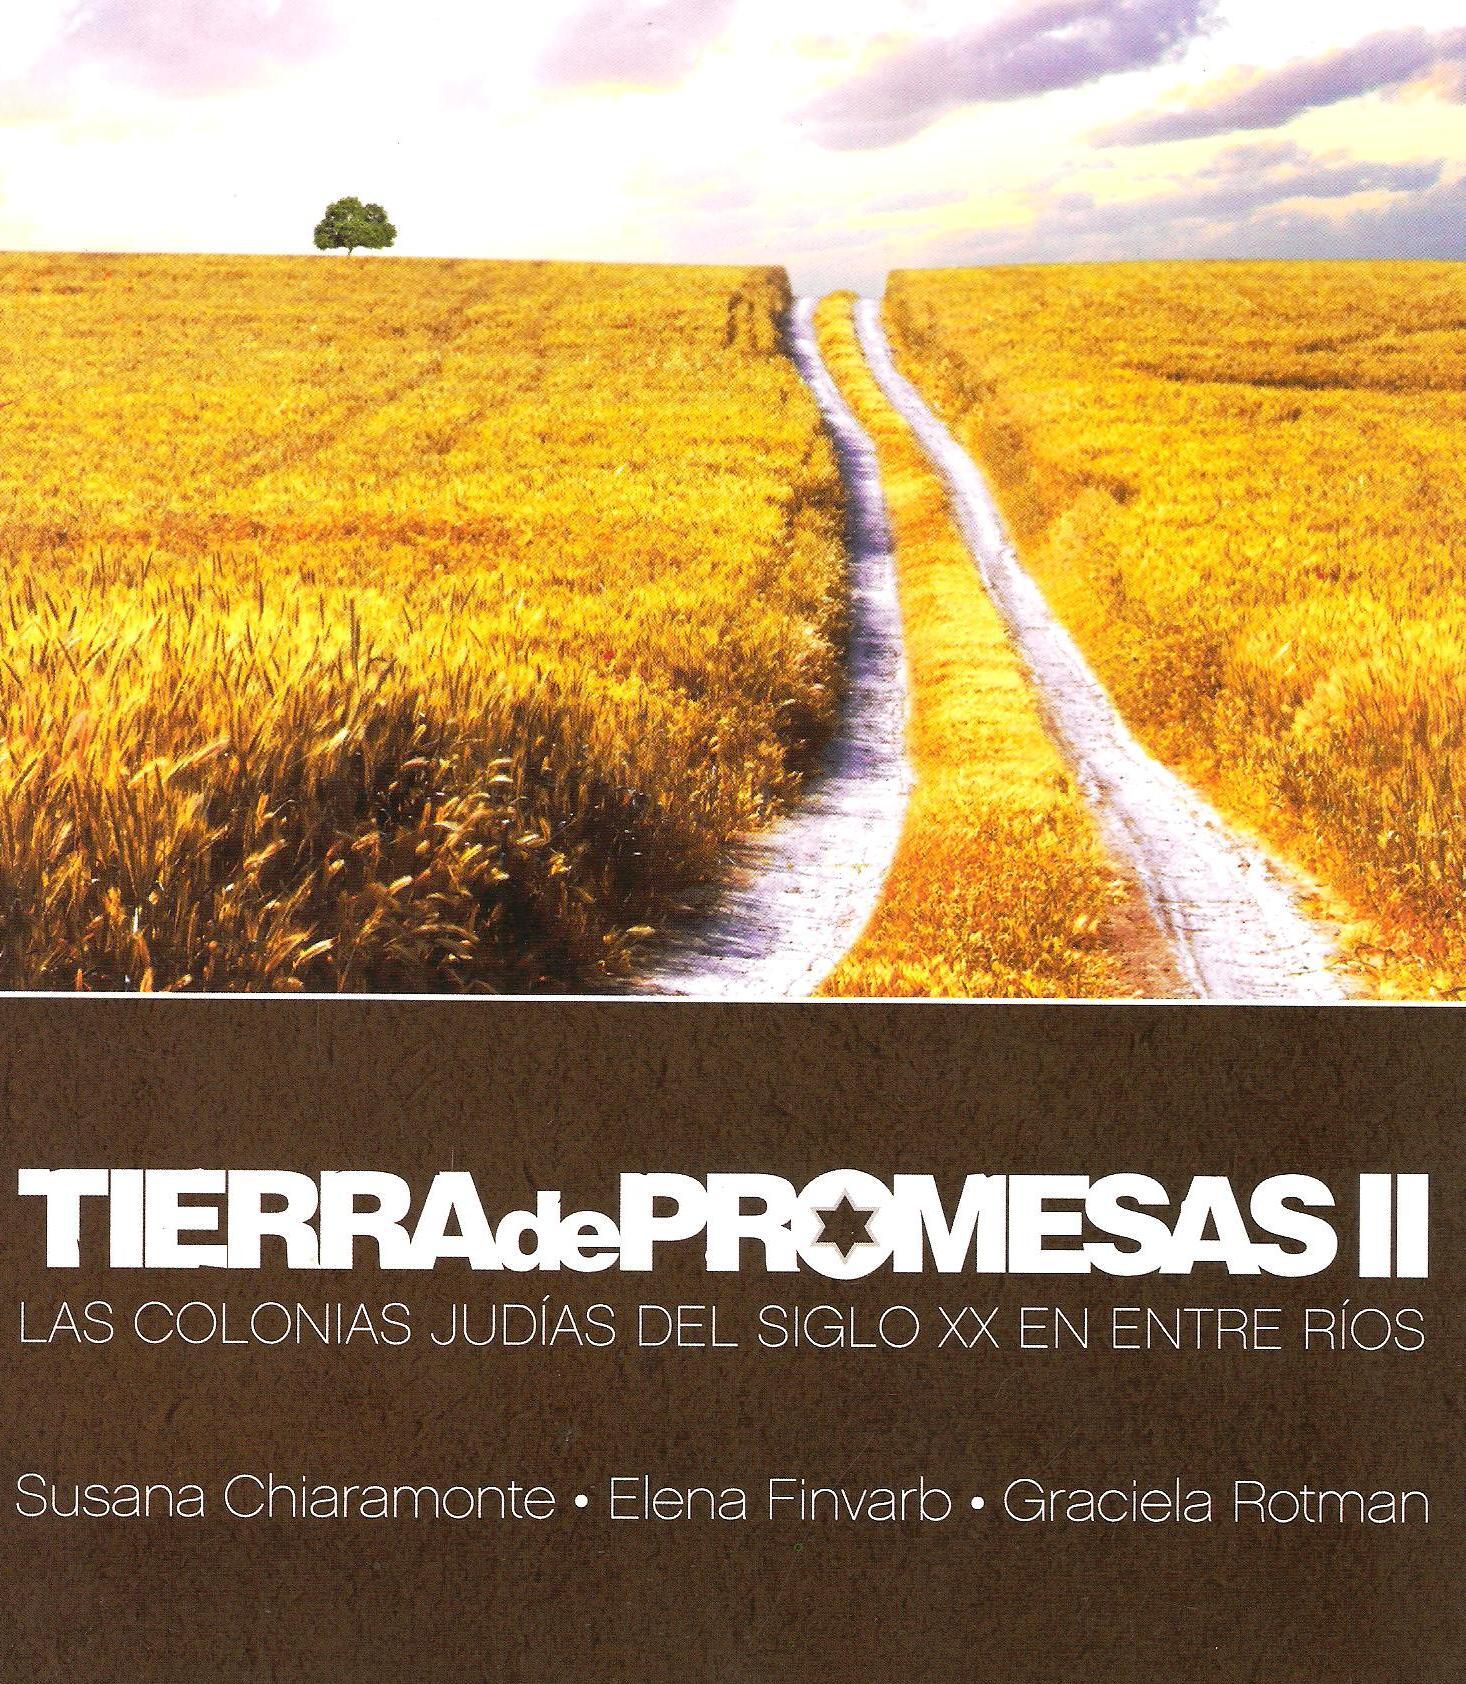 Tierra de promesas II. Las colonias judías del siglo XX en Entre Ríos